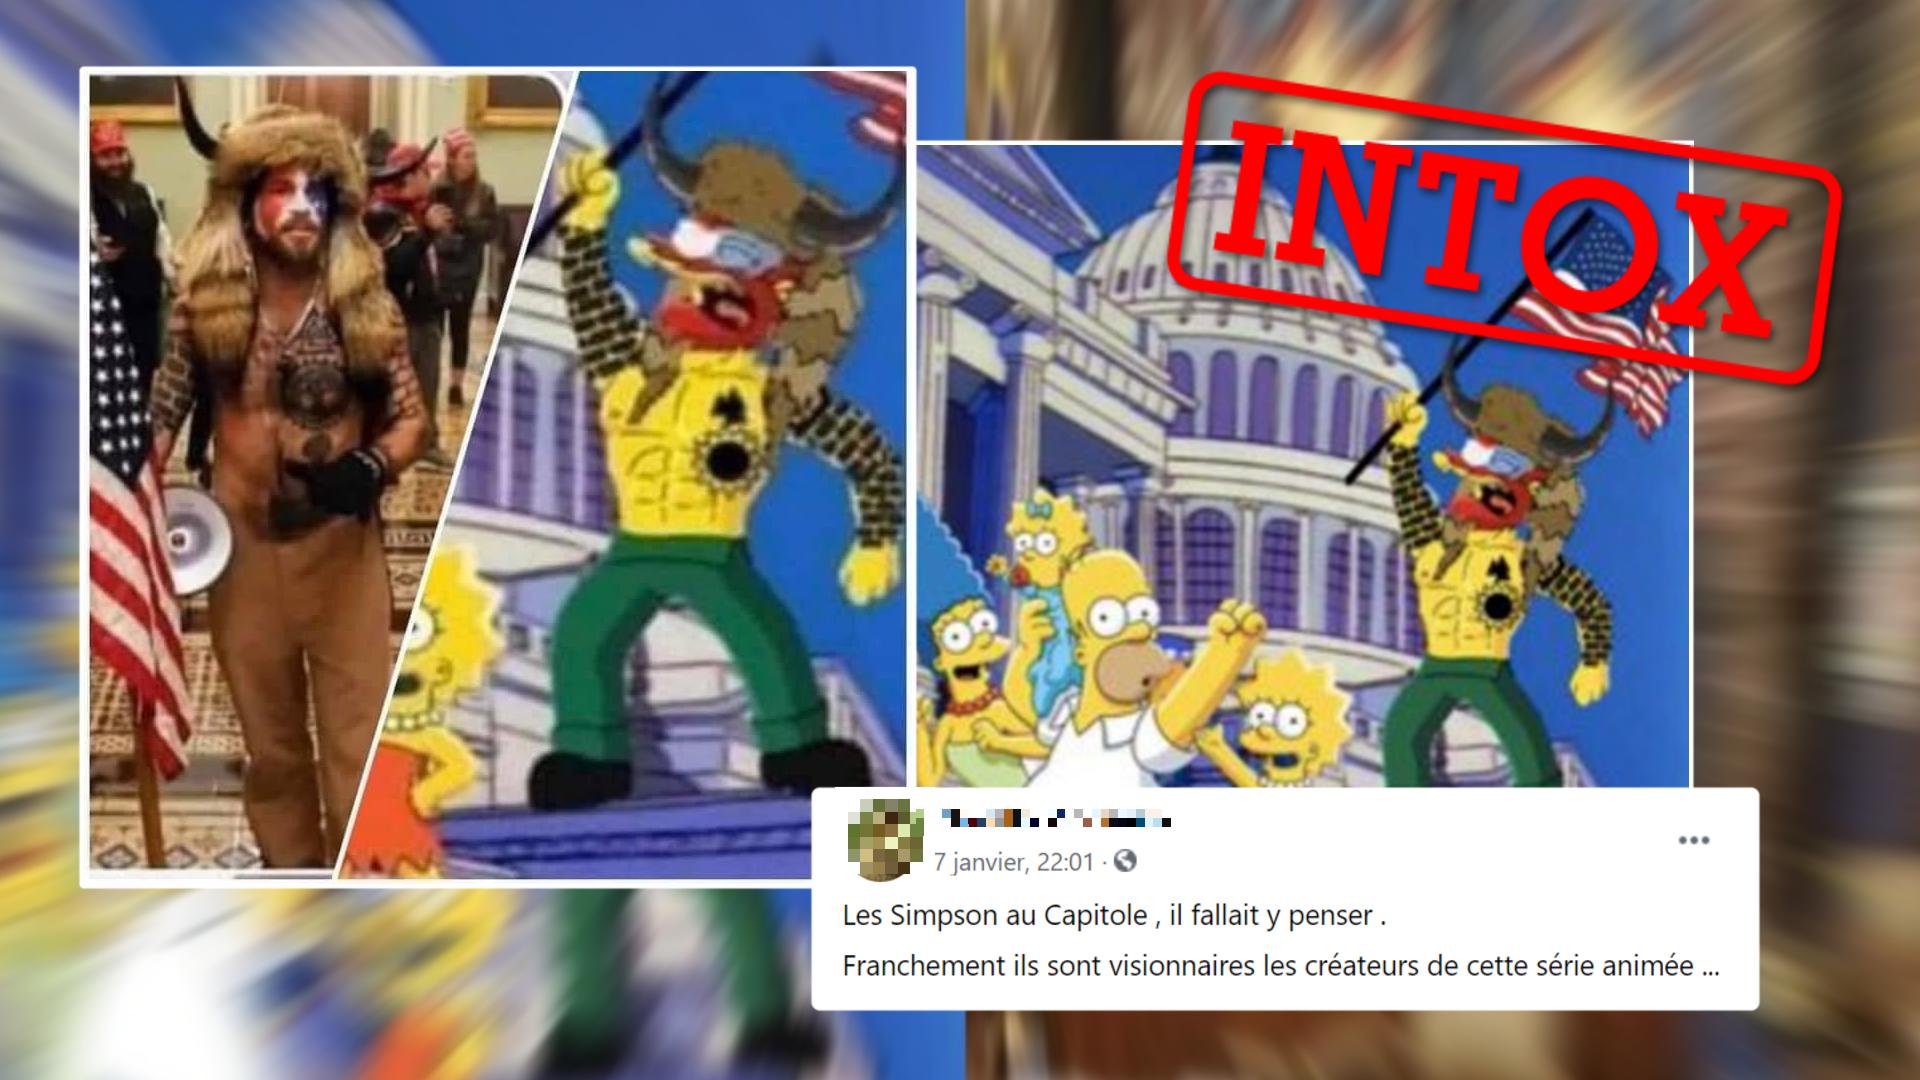 Des internautes ont partagé ces images affirmant que les Simpson avaient prédit les émeutes du Capitole du 6 janvier 2021.